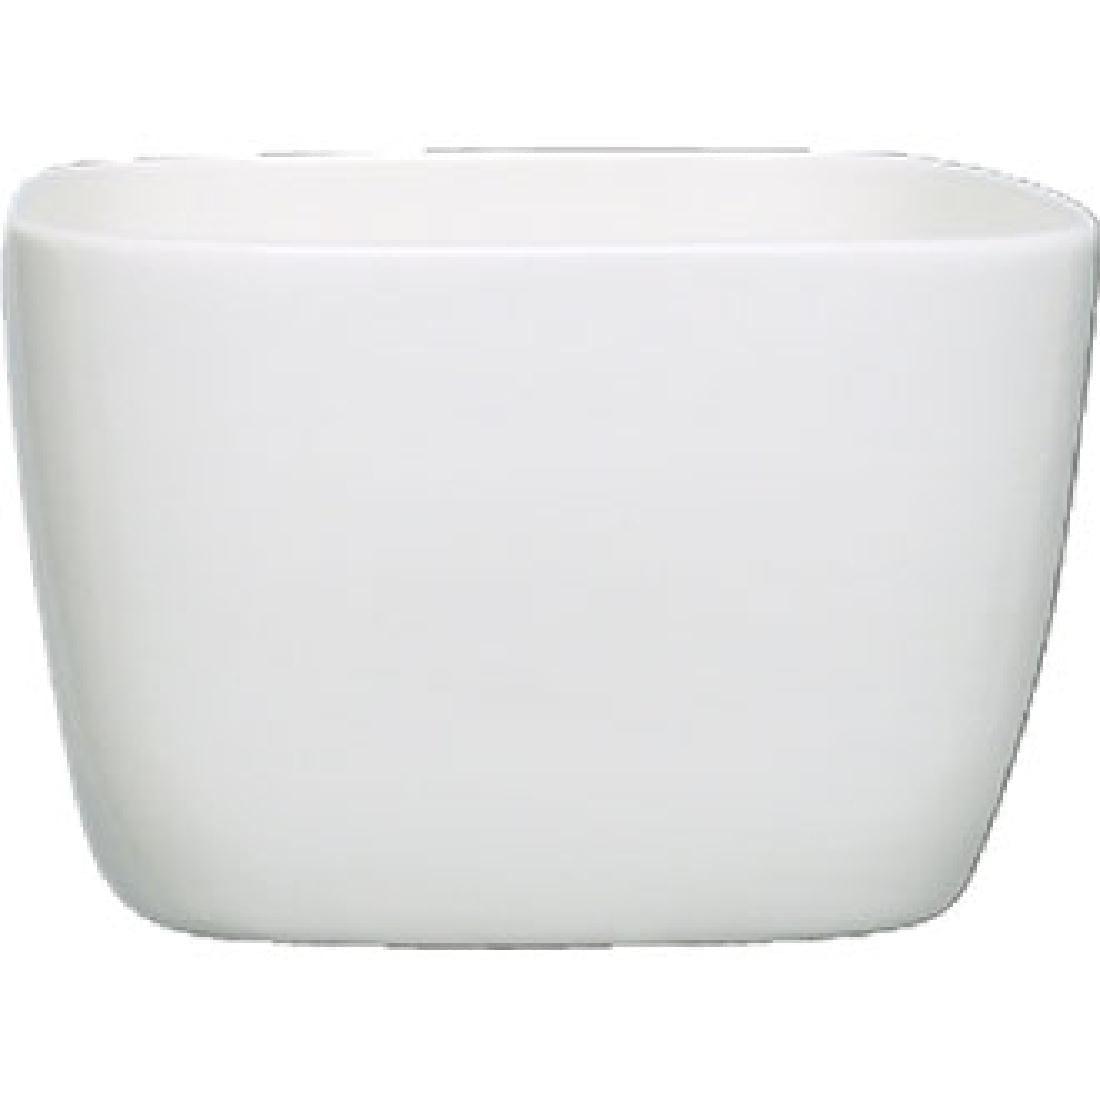 Alchemy White Square Bowl Open (Box 6) (Direct)-0